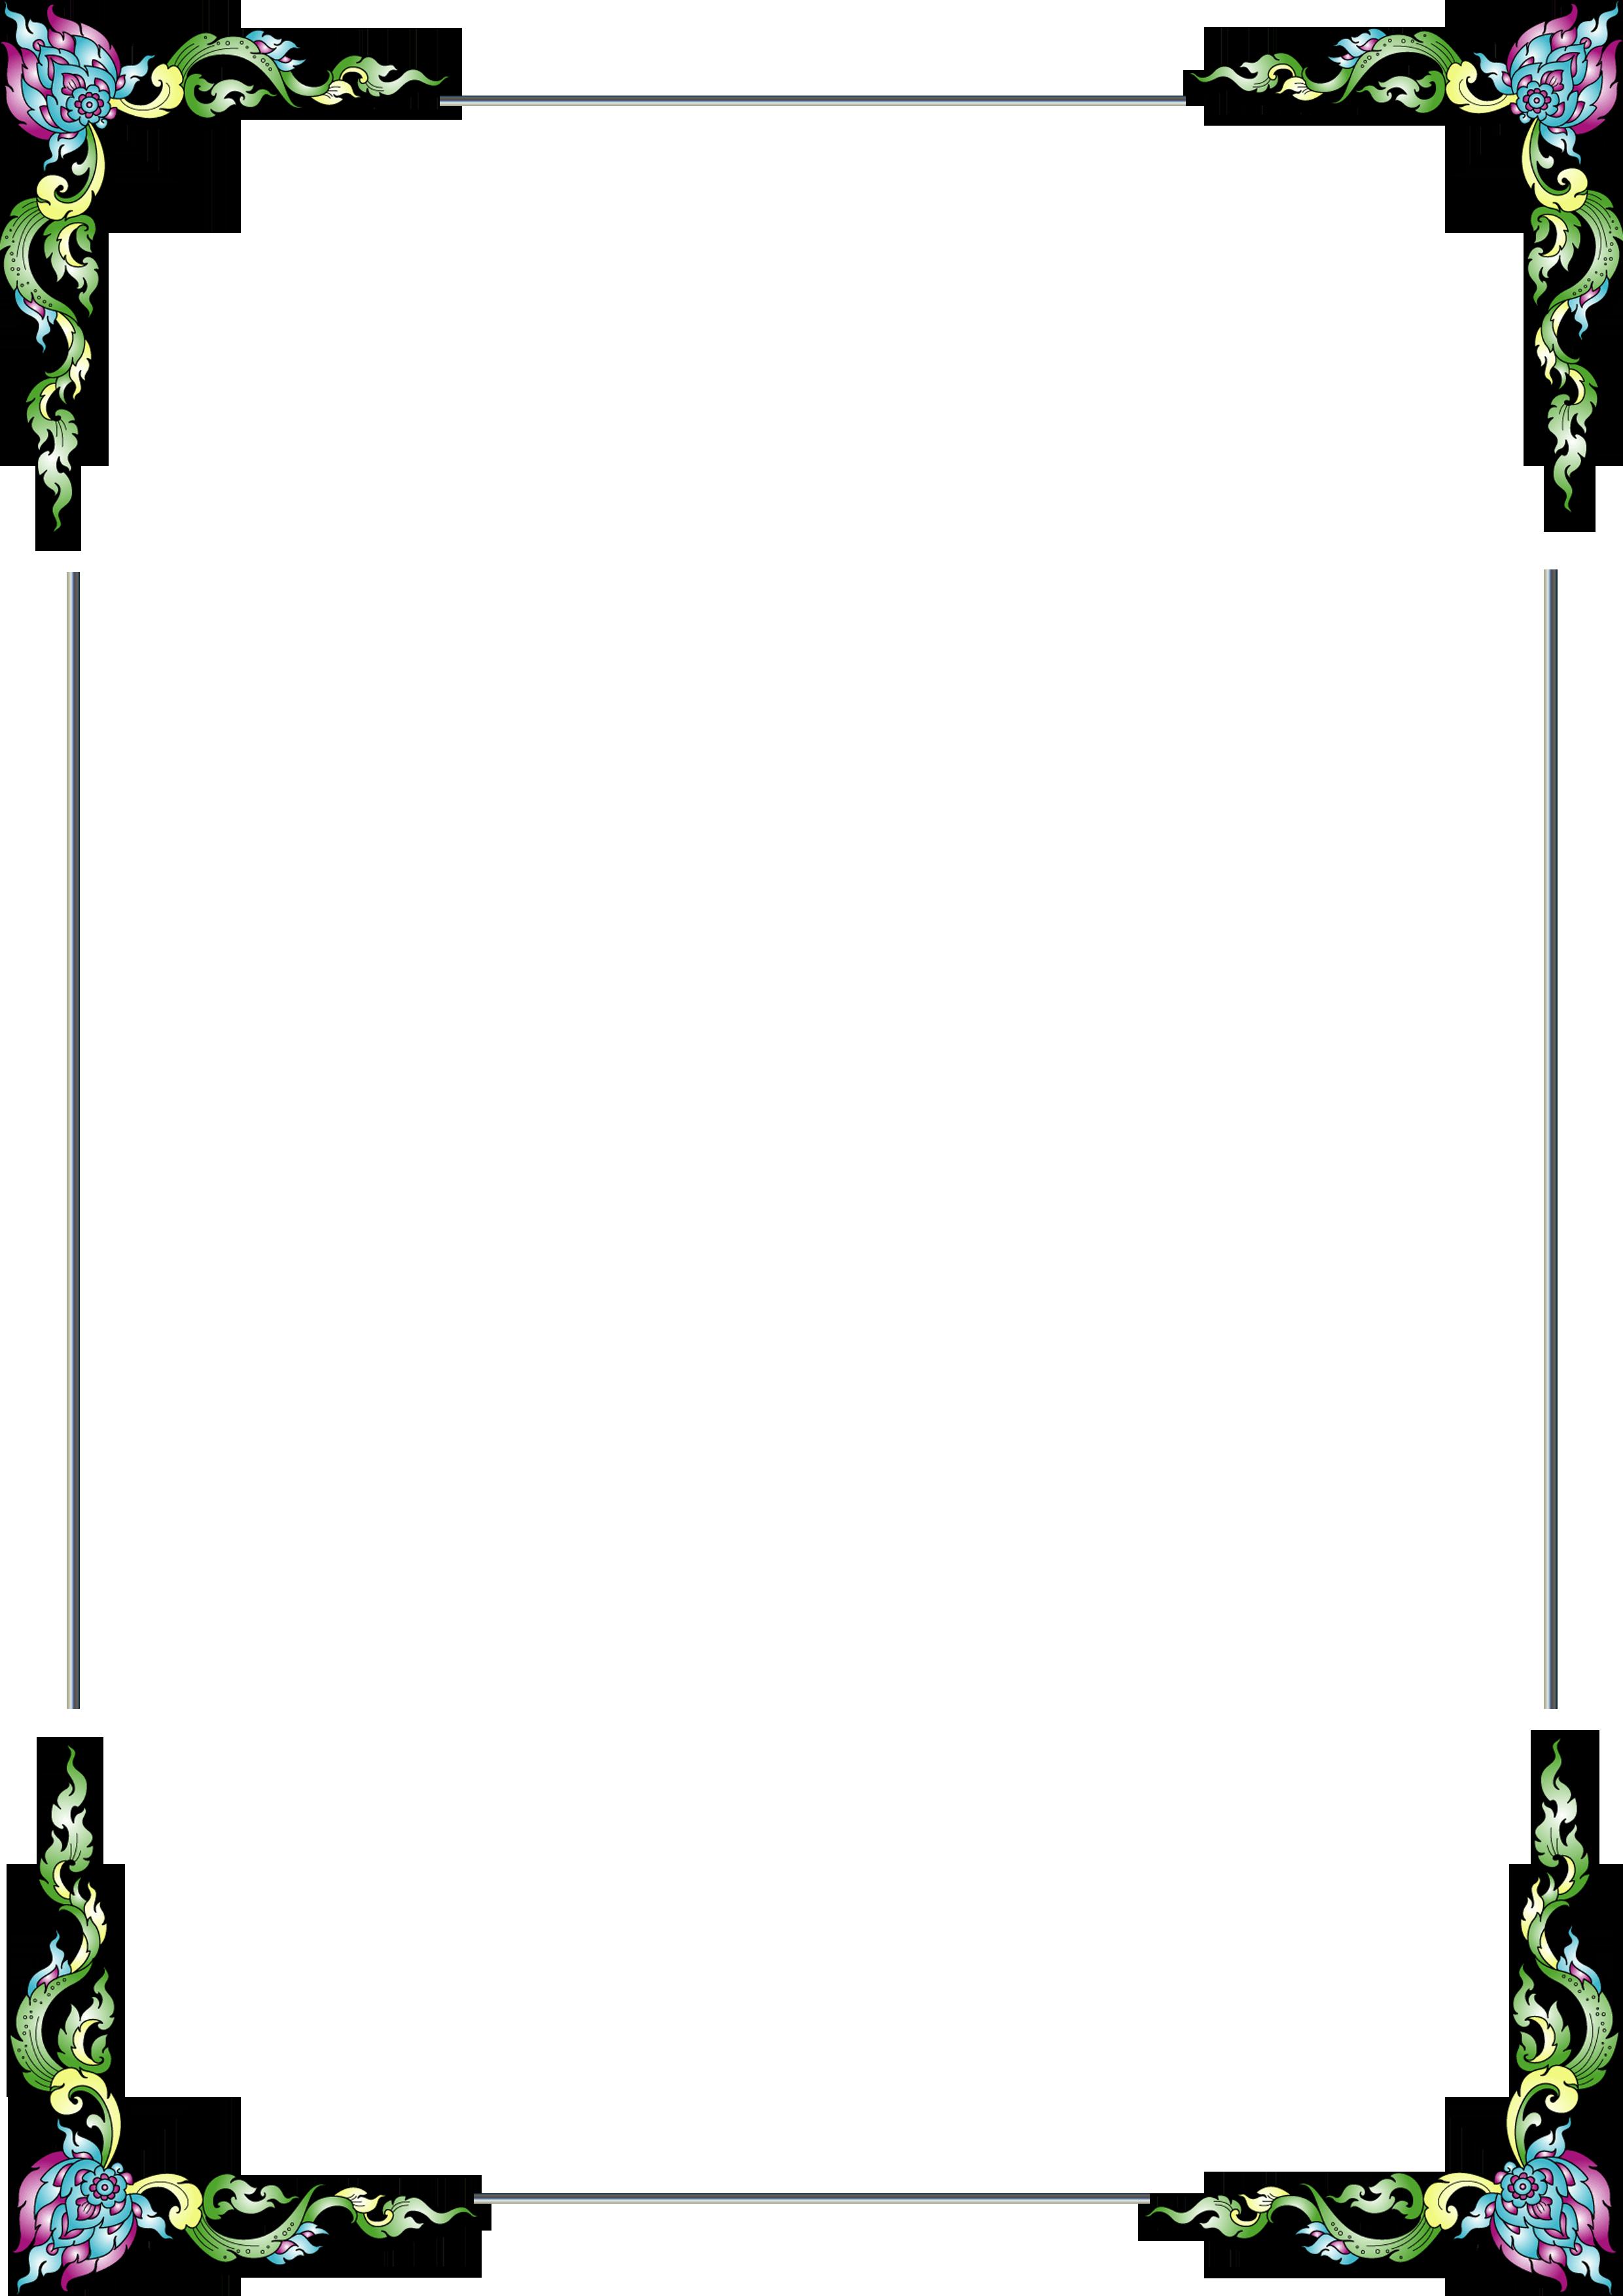 находится, картинки рамки для оформления титульного листа способствует небесного цвета